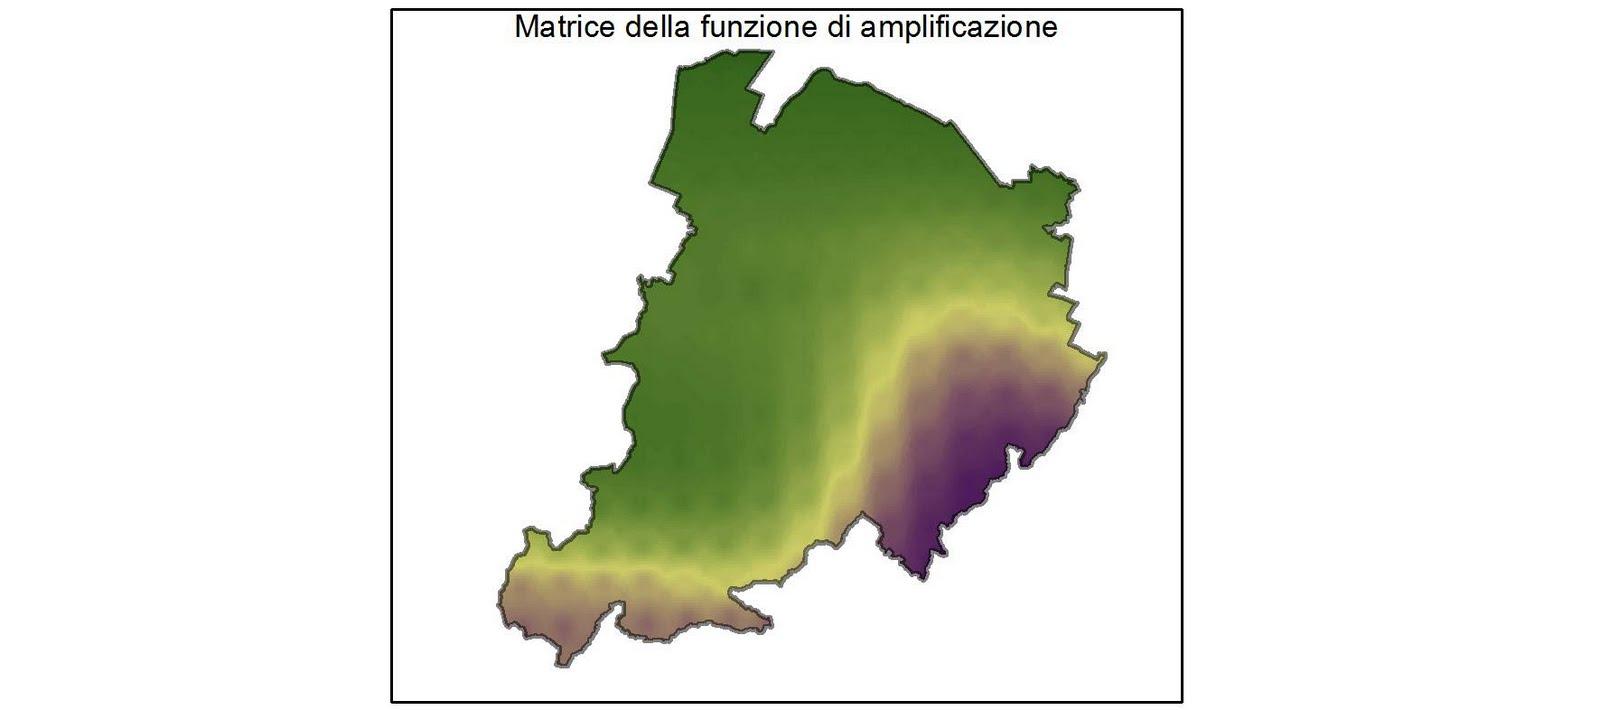 Matrice della funzione di amplificazione